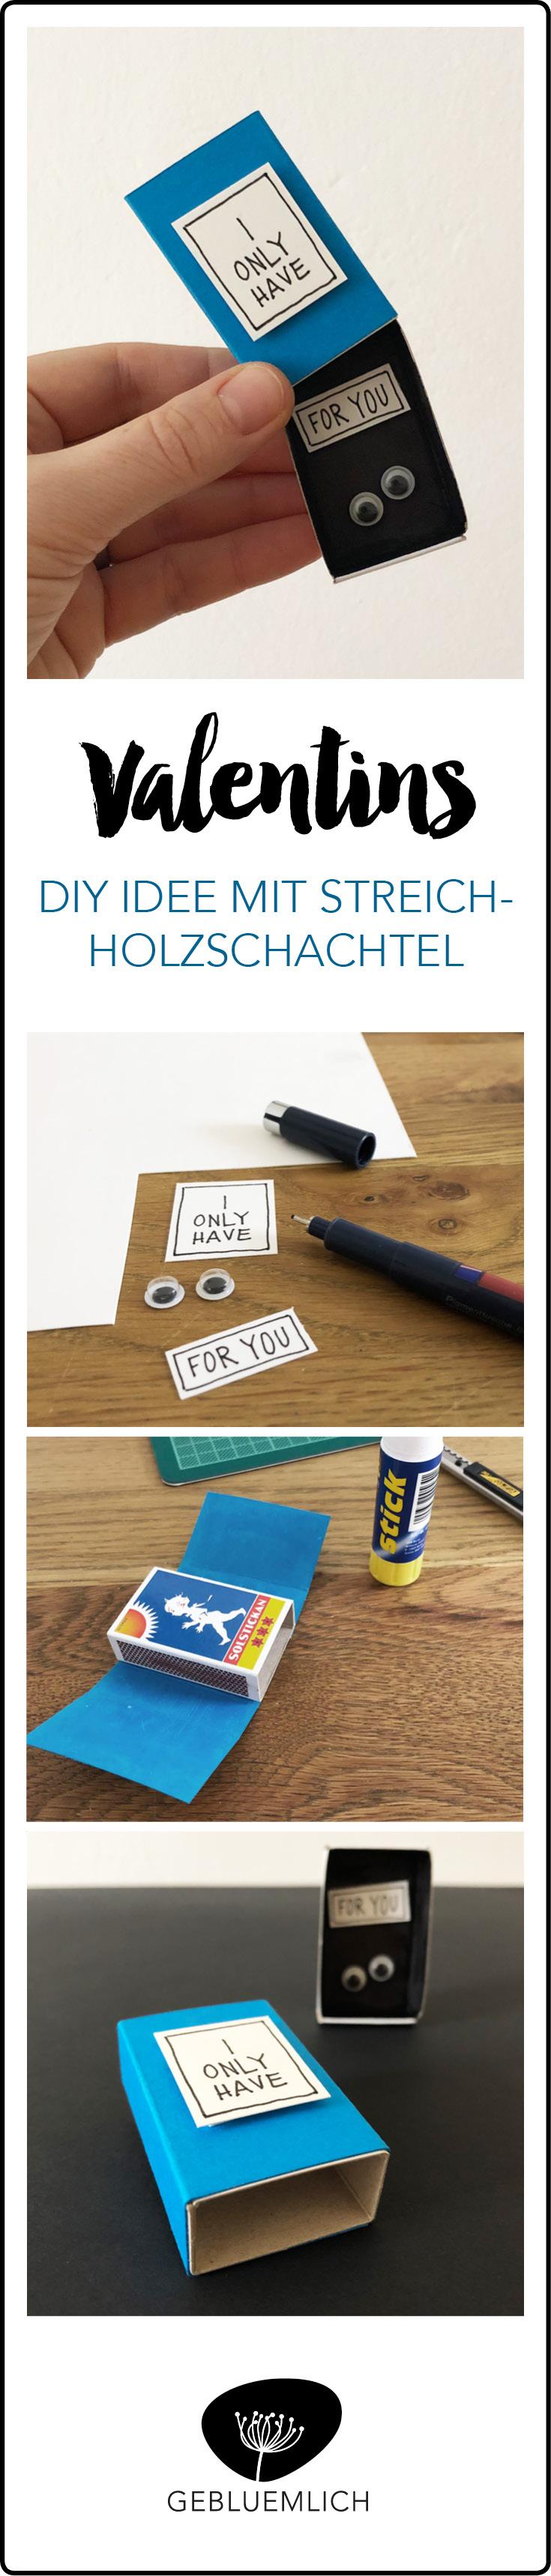 Pin_Valentins DIY Botschaft in Streichholzschachtel